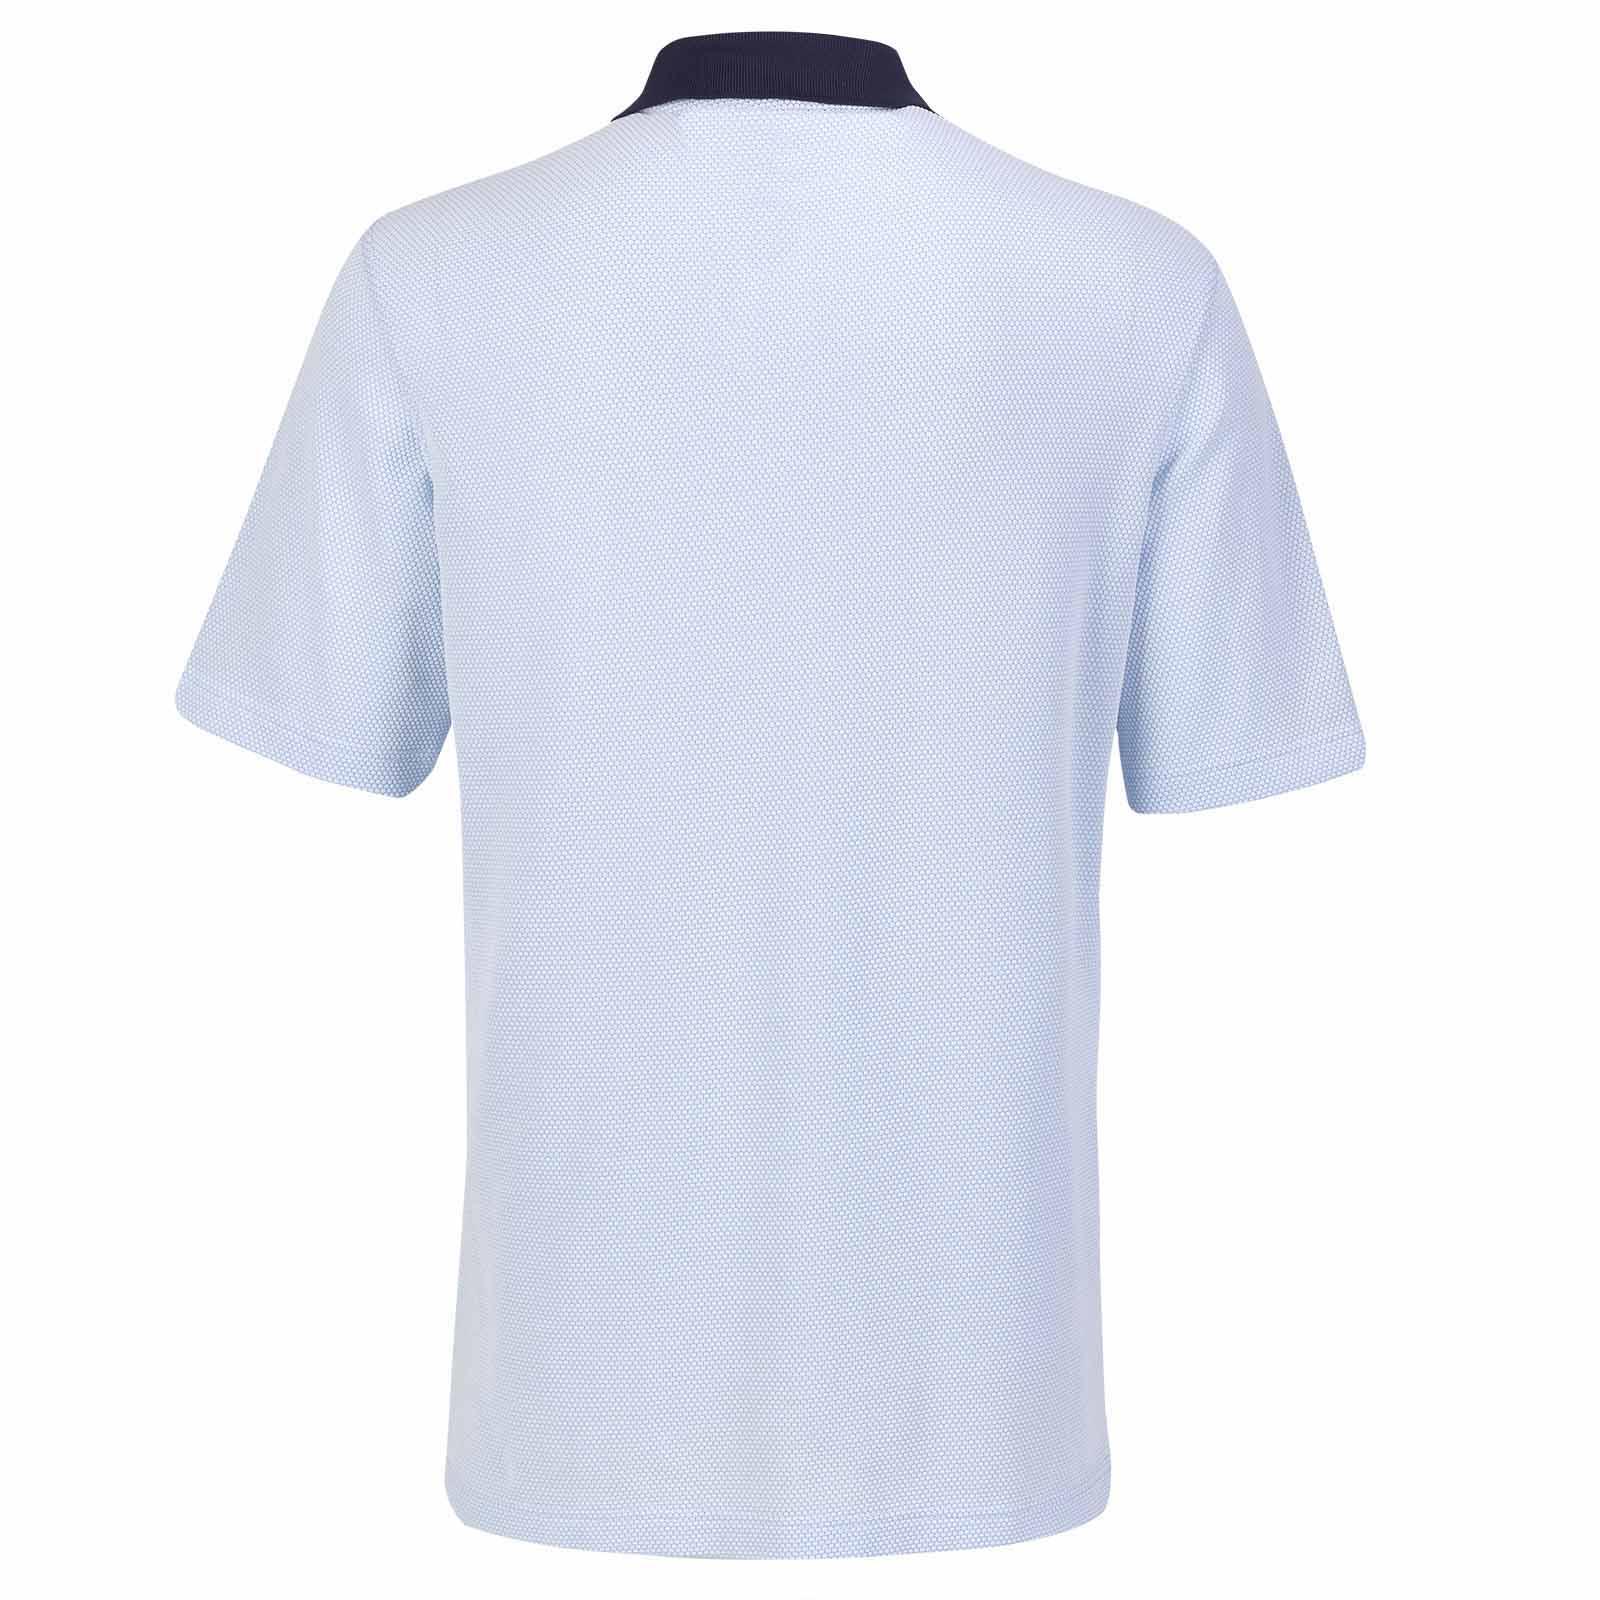 Herren Golf Poloshirt feuchtigkeitsregulierend aus Bubble Jaquard